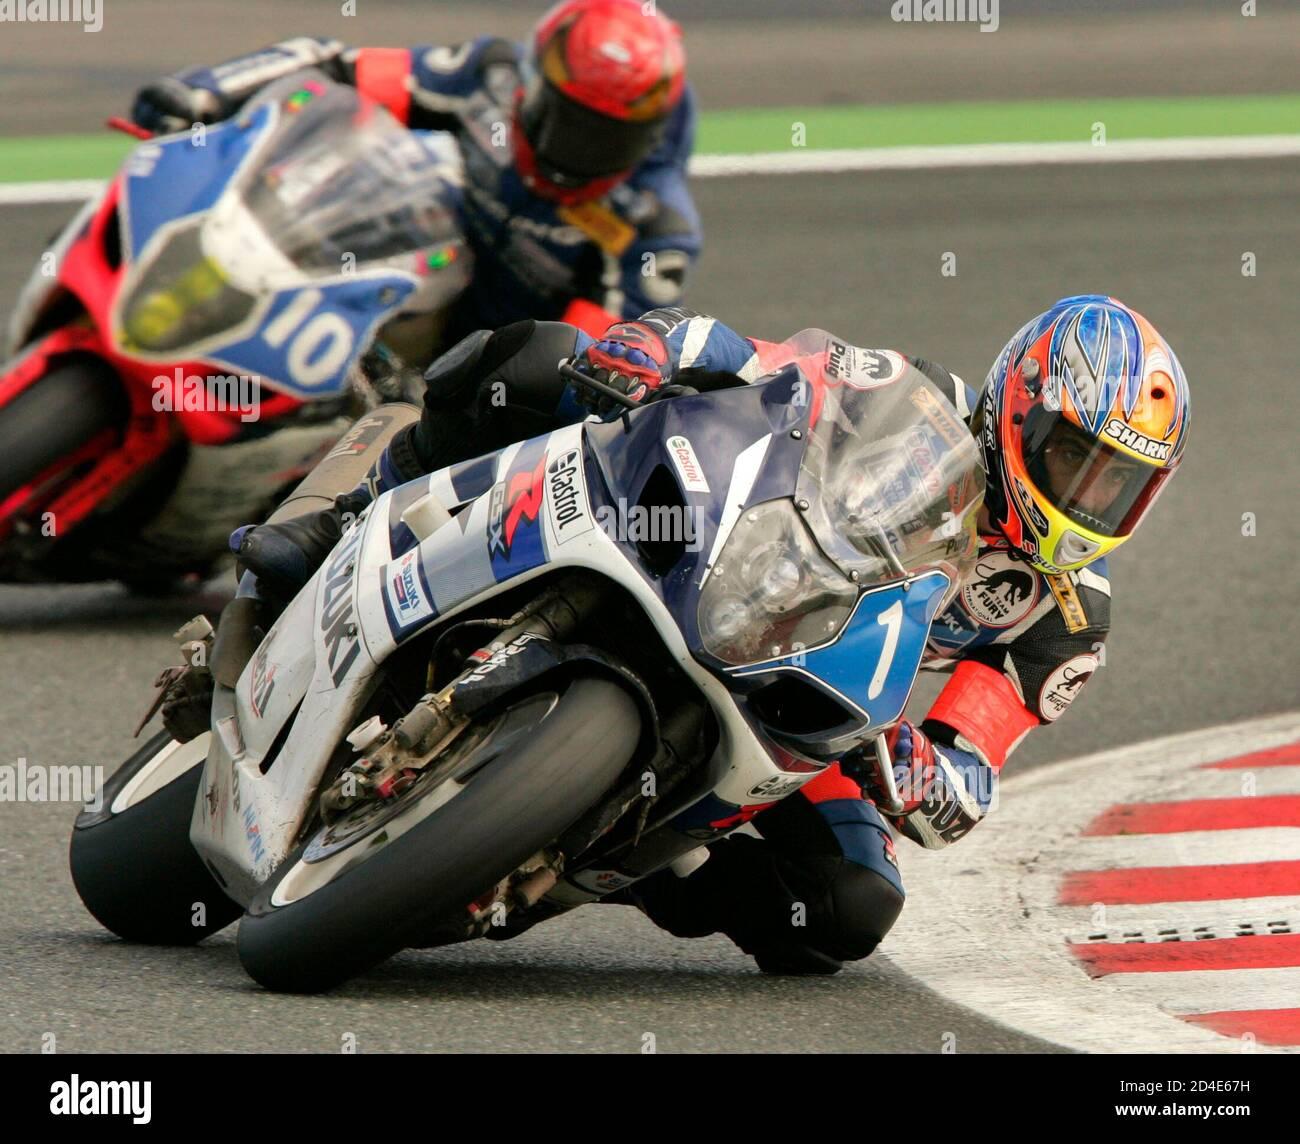 Matthieu Lagrive Frankreichs treibt seine Suzuki GSXR 1000, der Bol d ' or Motorrad-Langstreckenrennen nach 22 Stunden des Wettbewerbs in Magny-Cours zu führen.  Suzuki Castrol Teamfahrer von Matthieu Lagrive (R) Frankreich treibt seine Suzuki GSXR 1000, der Bol d ' or Motorrad-Langstreckenrennen nach 22 Stunden des Wettbewerbs in Magny-Cours, Frankreich 12. September 2004 zu führen. Hinter (L) ist die Infini Team Moto Suzuki GSXR 1000 auf dem siebten Platz. REUTERS/Robert Pratta Stockfoto